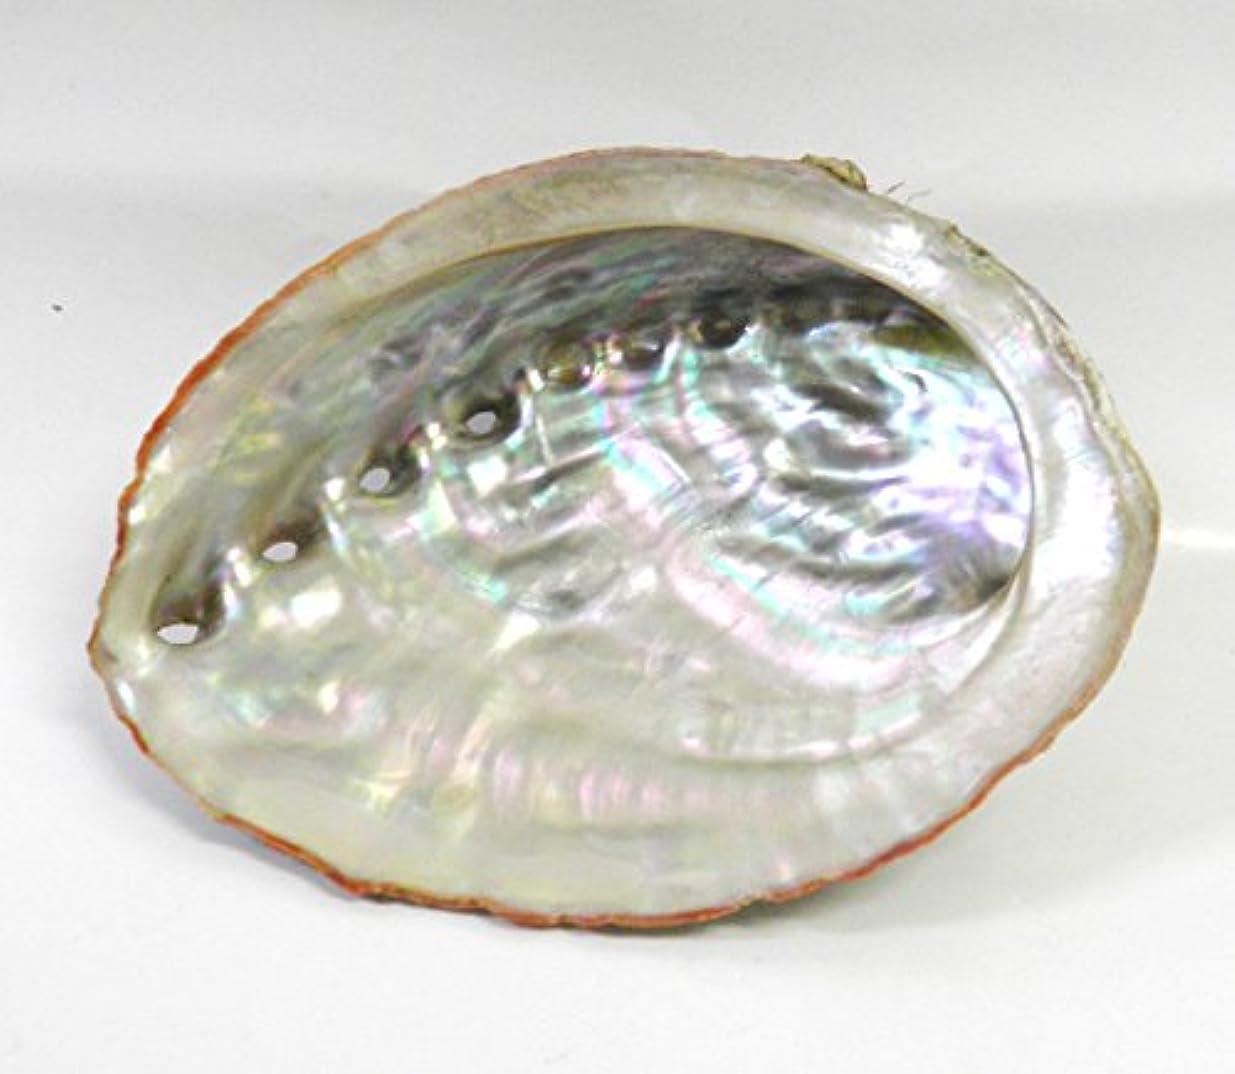 冬振り返るルーキーアワビの貝殻 アバロン シェル ホワイトセージ 浄化用 お香 空間浄化 天然石